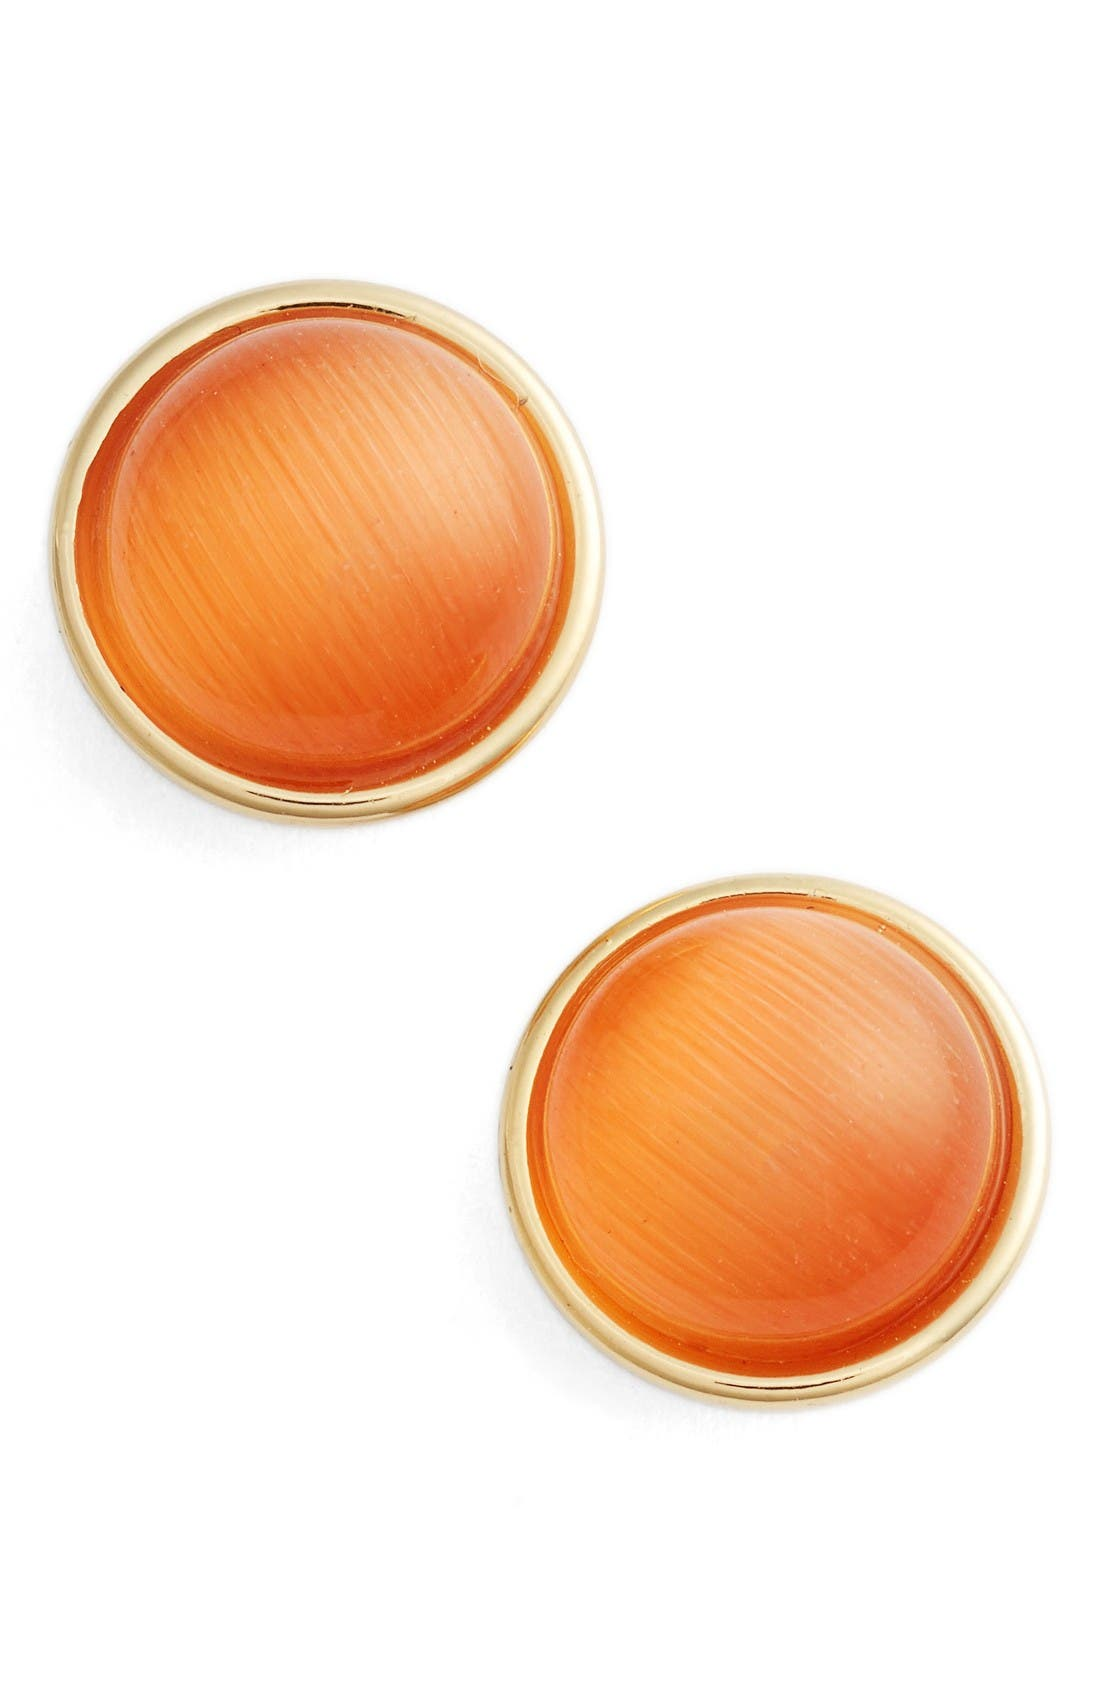 Main Image - kate spade new york 'forever' stud earrings